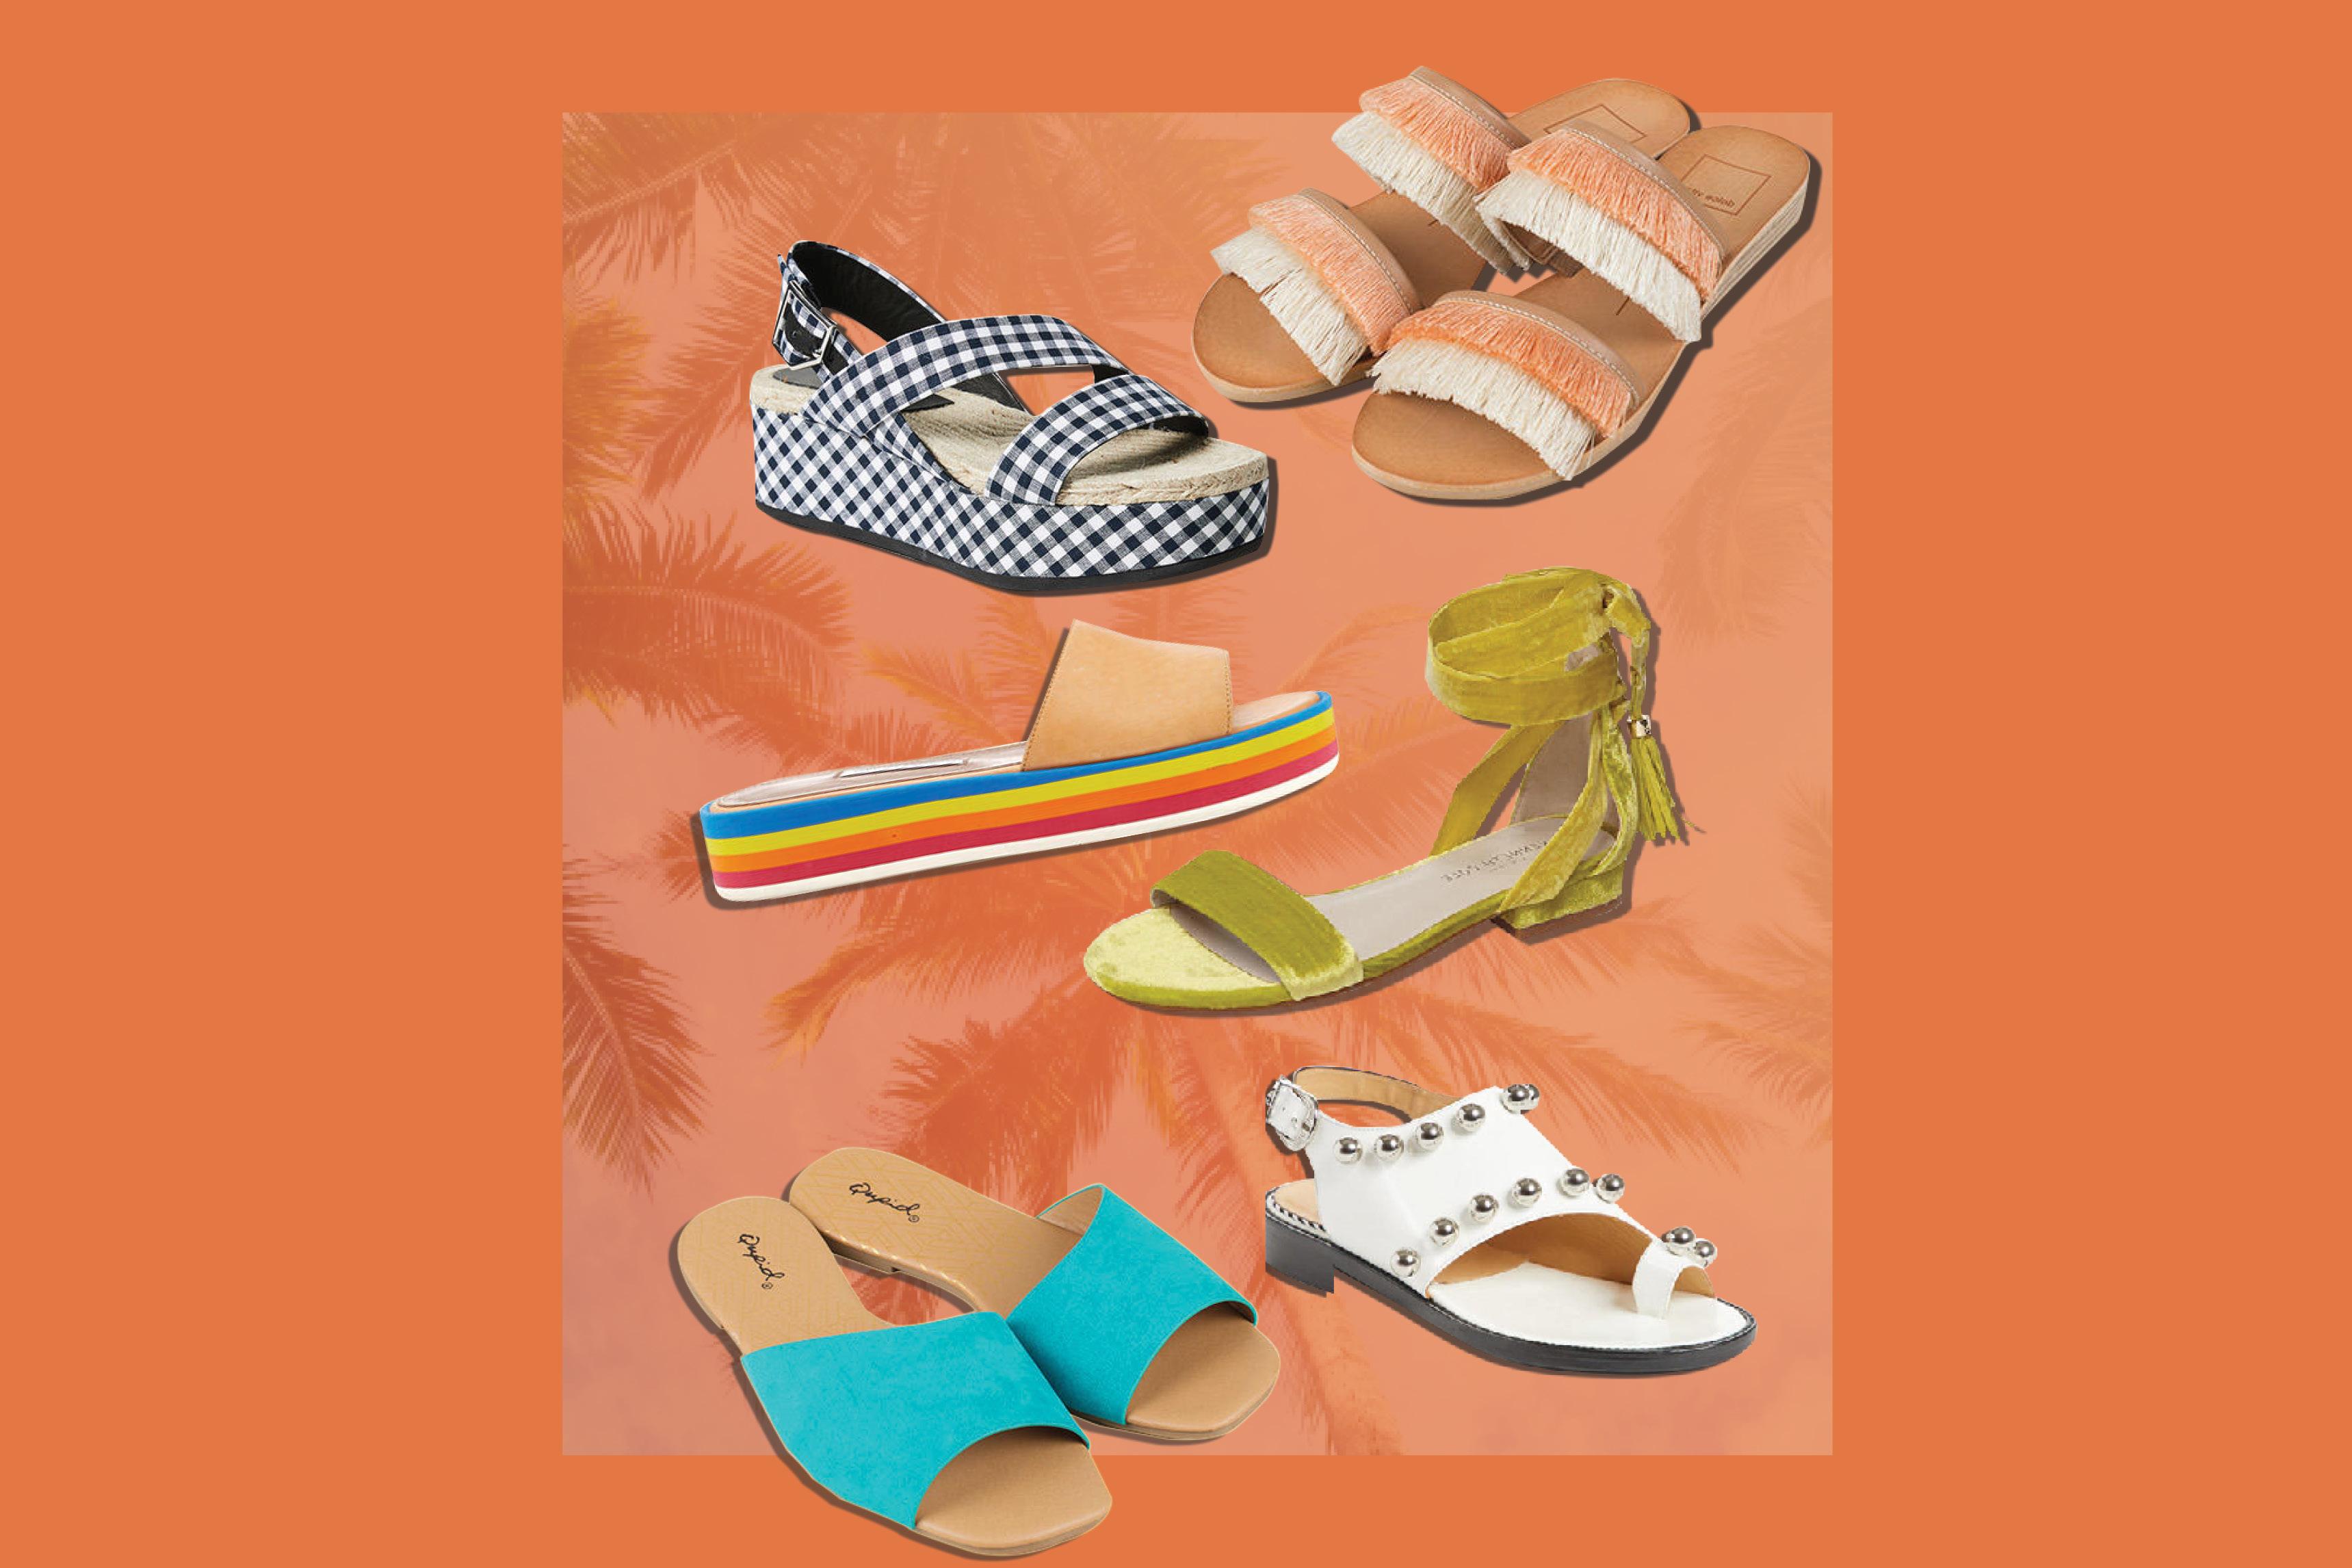 736f409e-7f54-4d3c-8ae7-121544d839eb-sandals-jpg